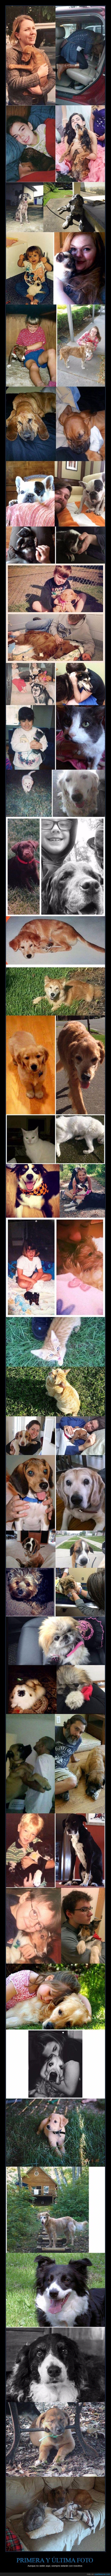 amor,despedida,familia,foto,gato,mascota,mofeta,perro,primera,sacrificar,ultima